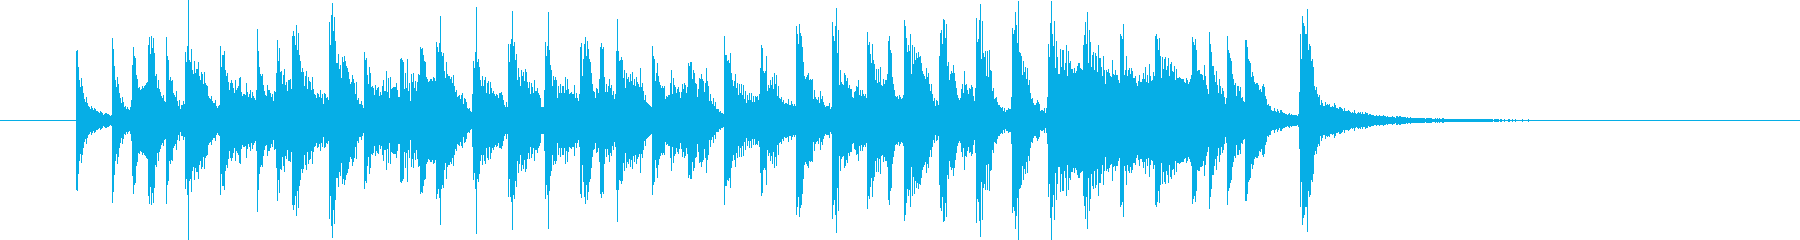 ムーディで軽快なトランペットジングルの再生済みの波形